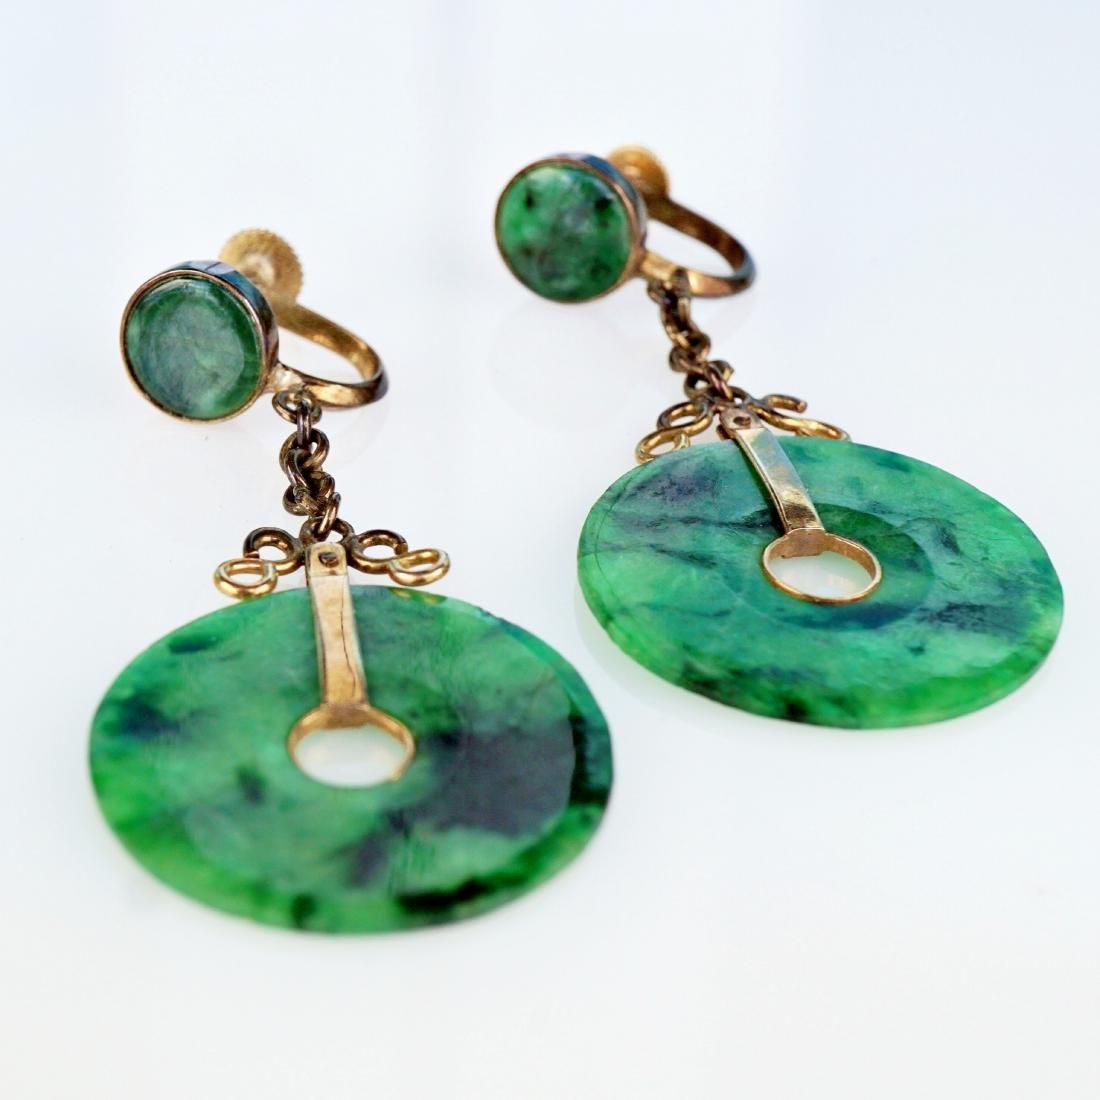 Chinese 14k YG Jade Earrings - 2